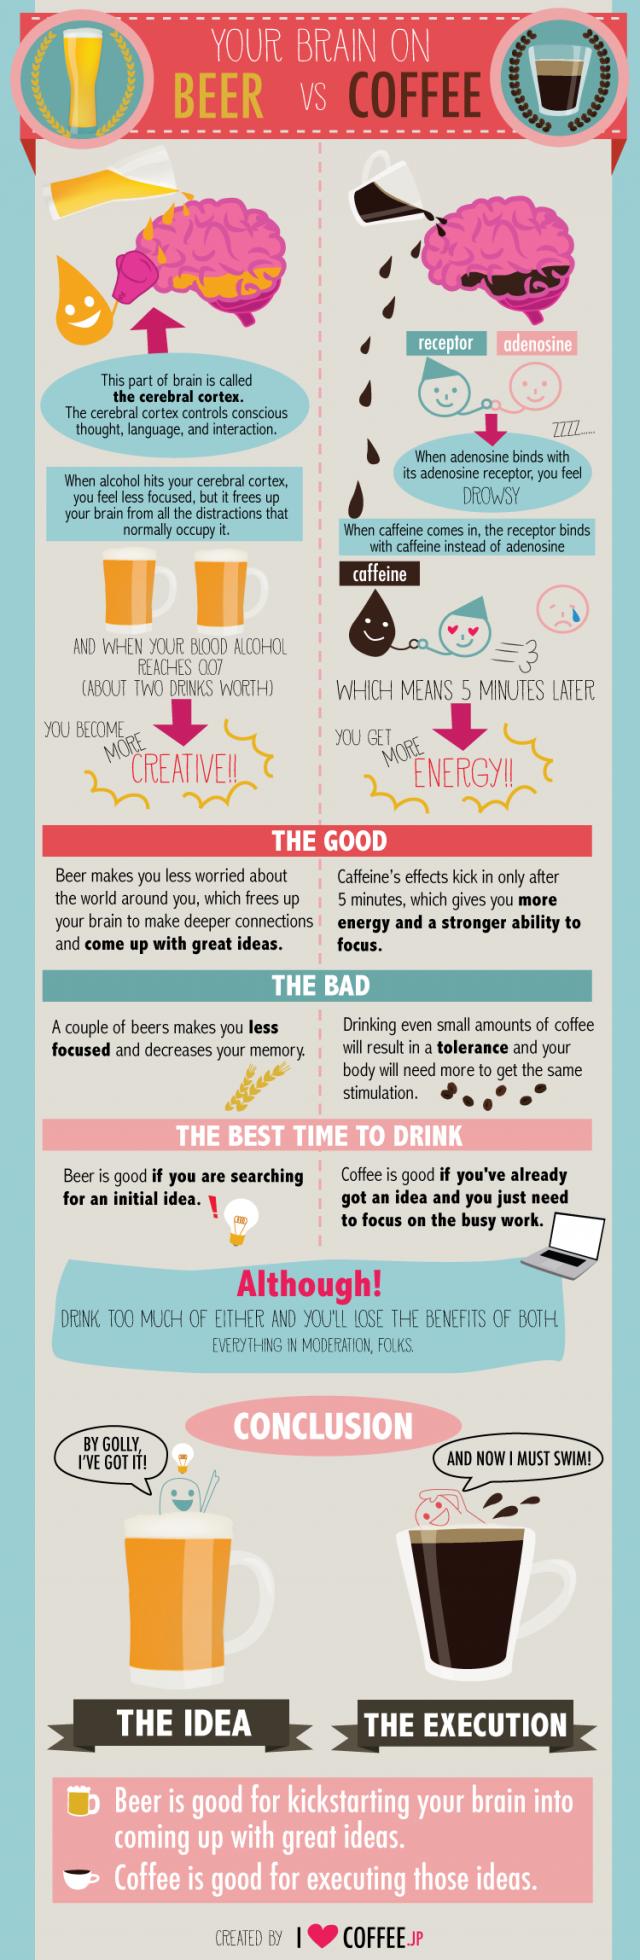 Your brain beer versus coffee #infographic